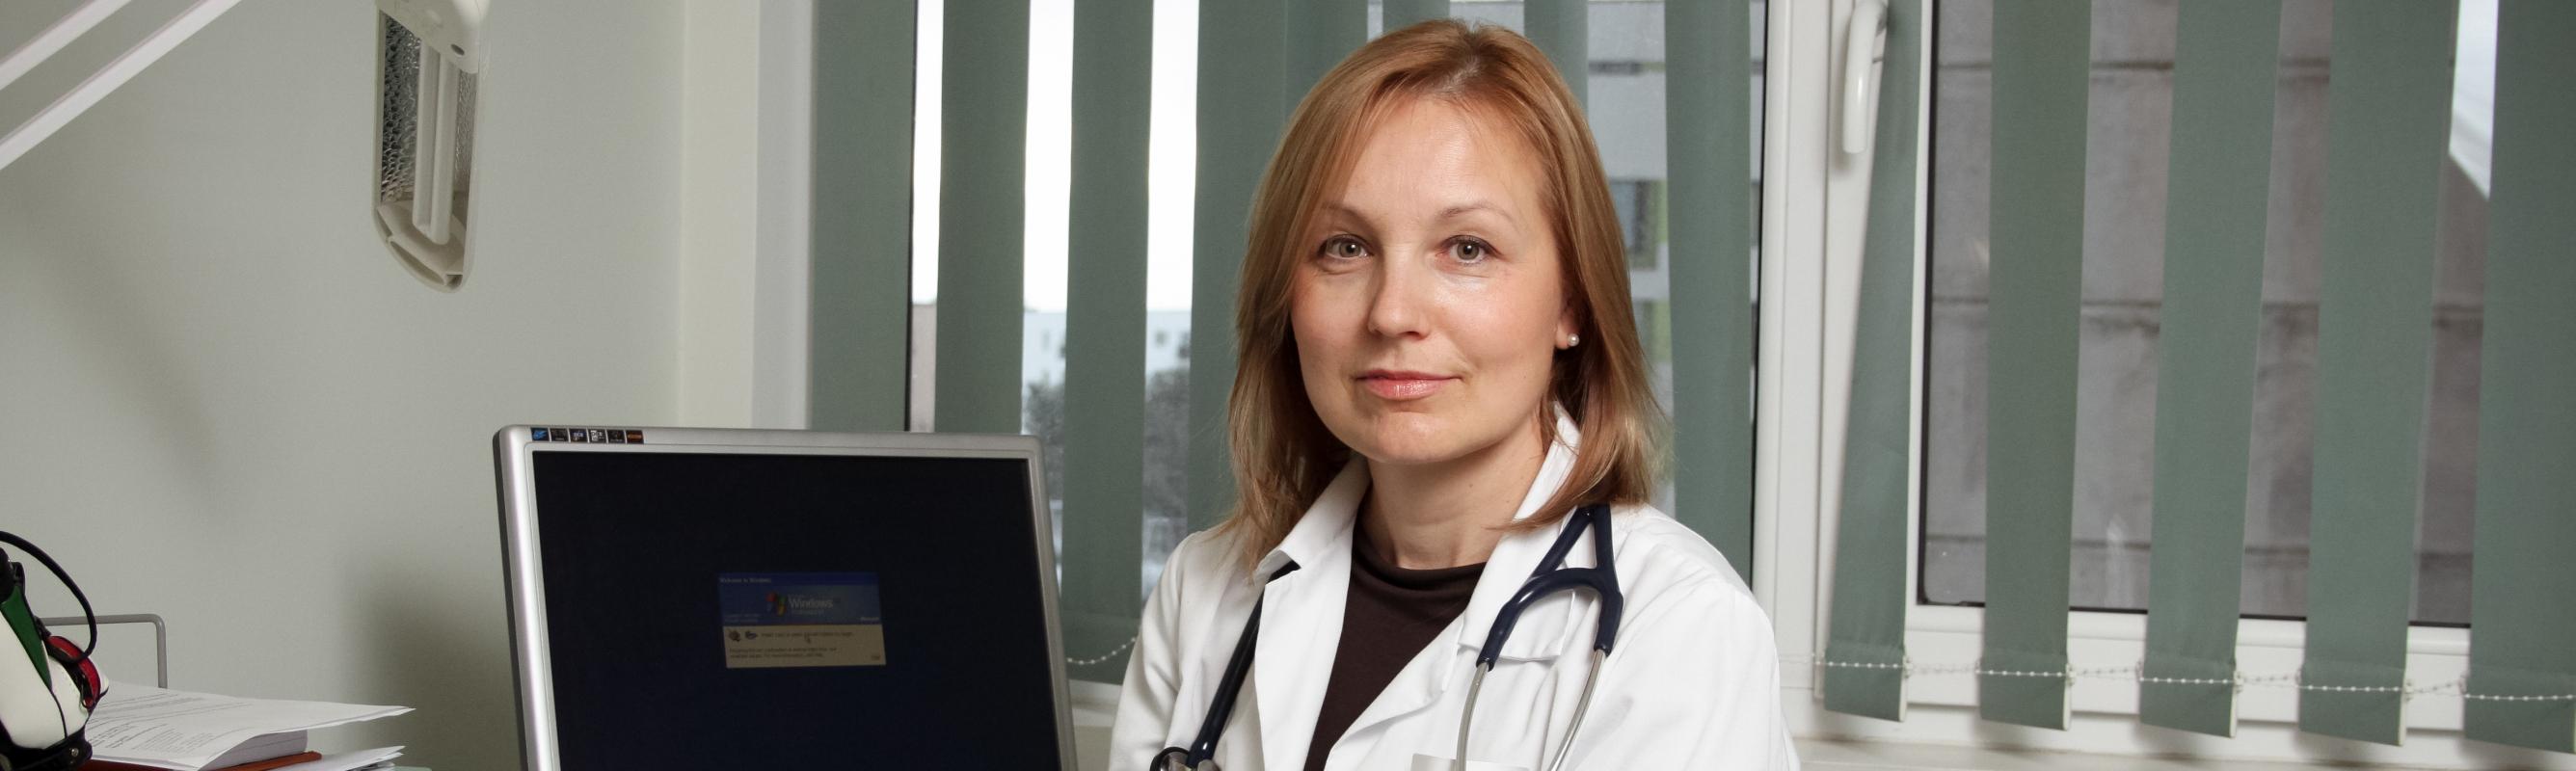 II kardioloogia osakonna juhataja dr Riina Vettus